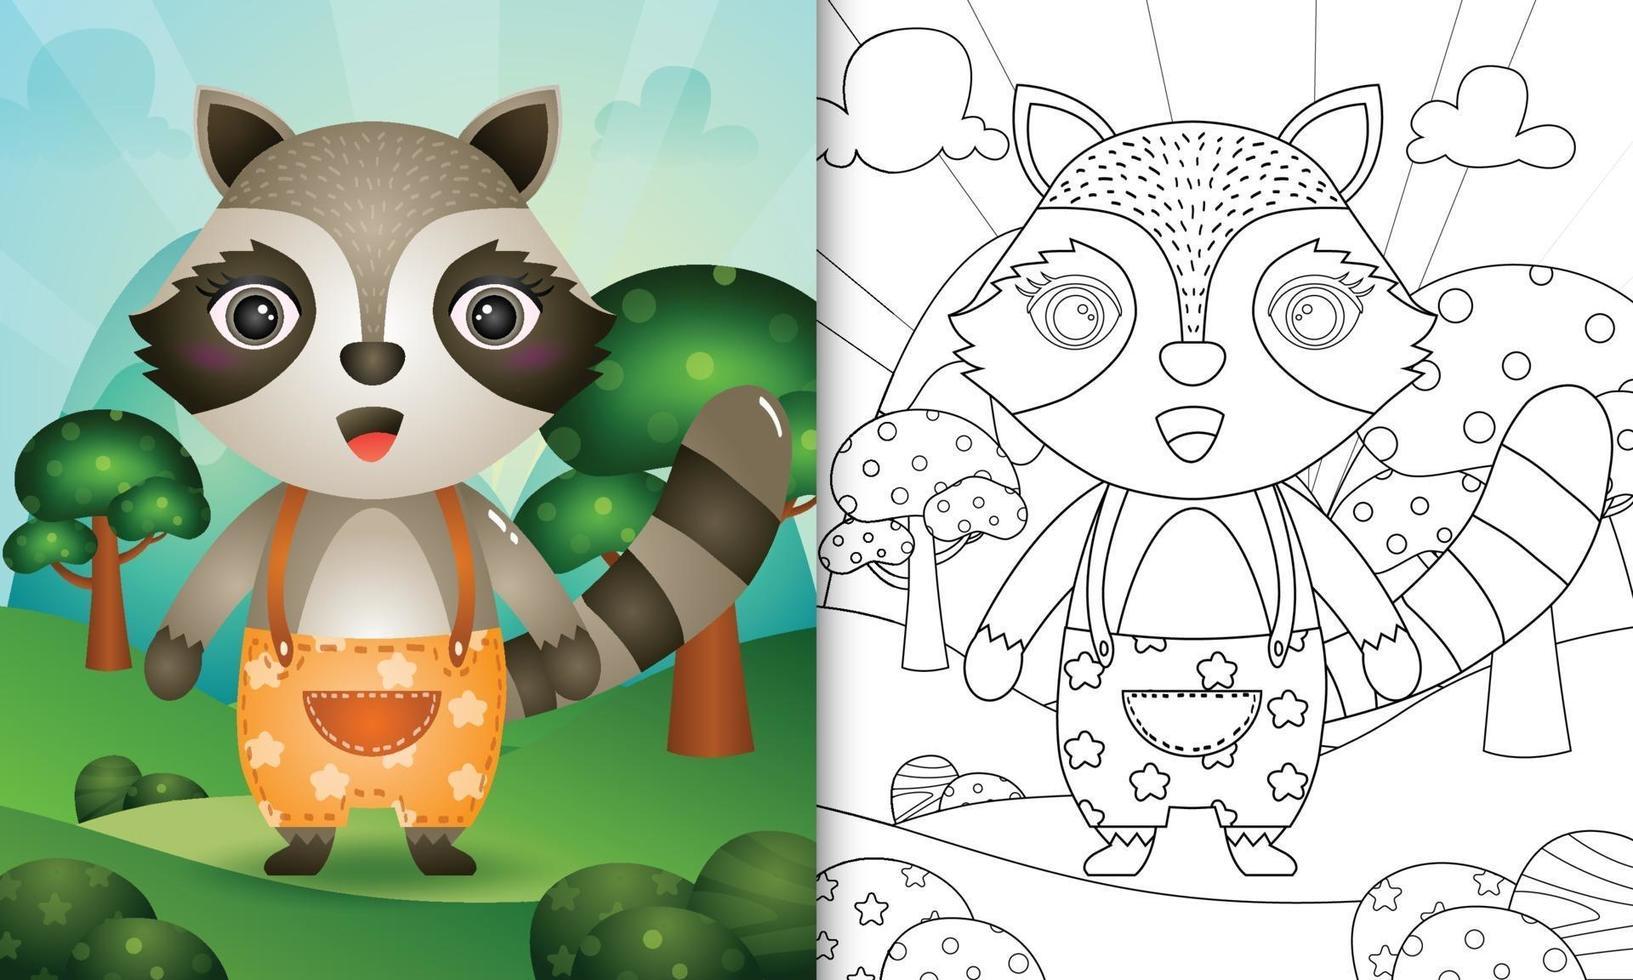 modèle de livre de coloriage pour les enfants avec un joli personnage de raton laveur illustratio vecteur